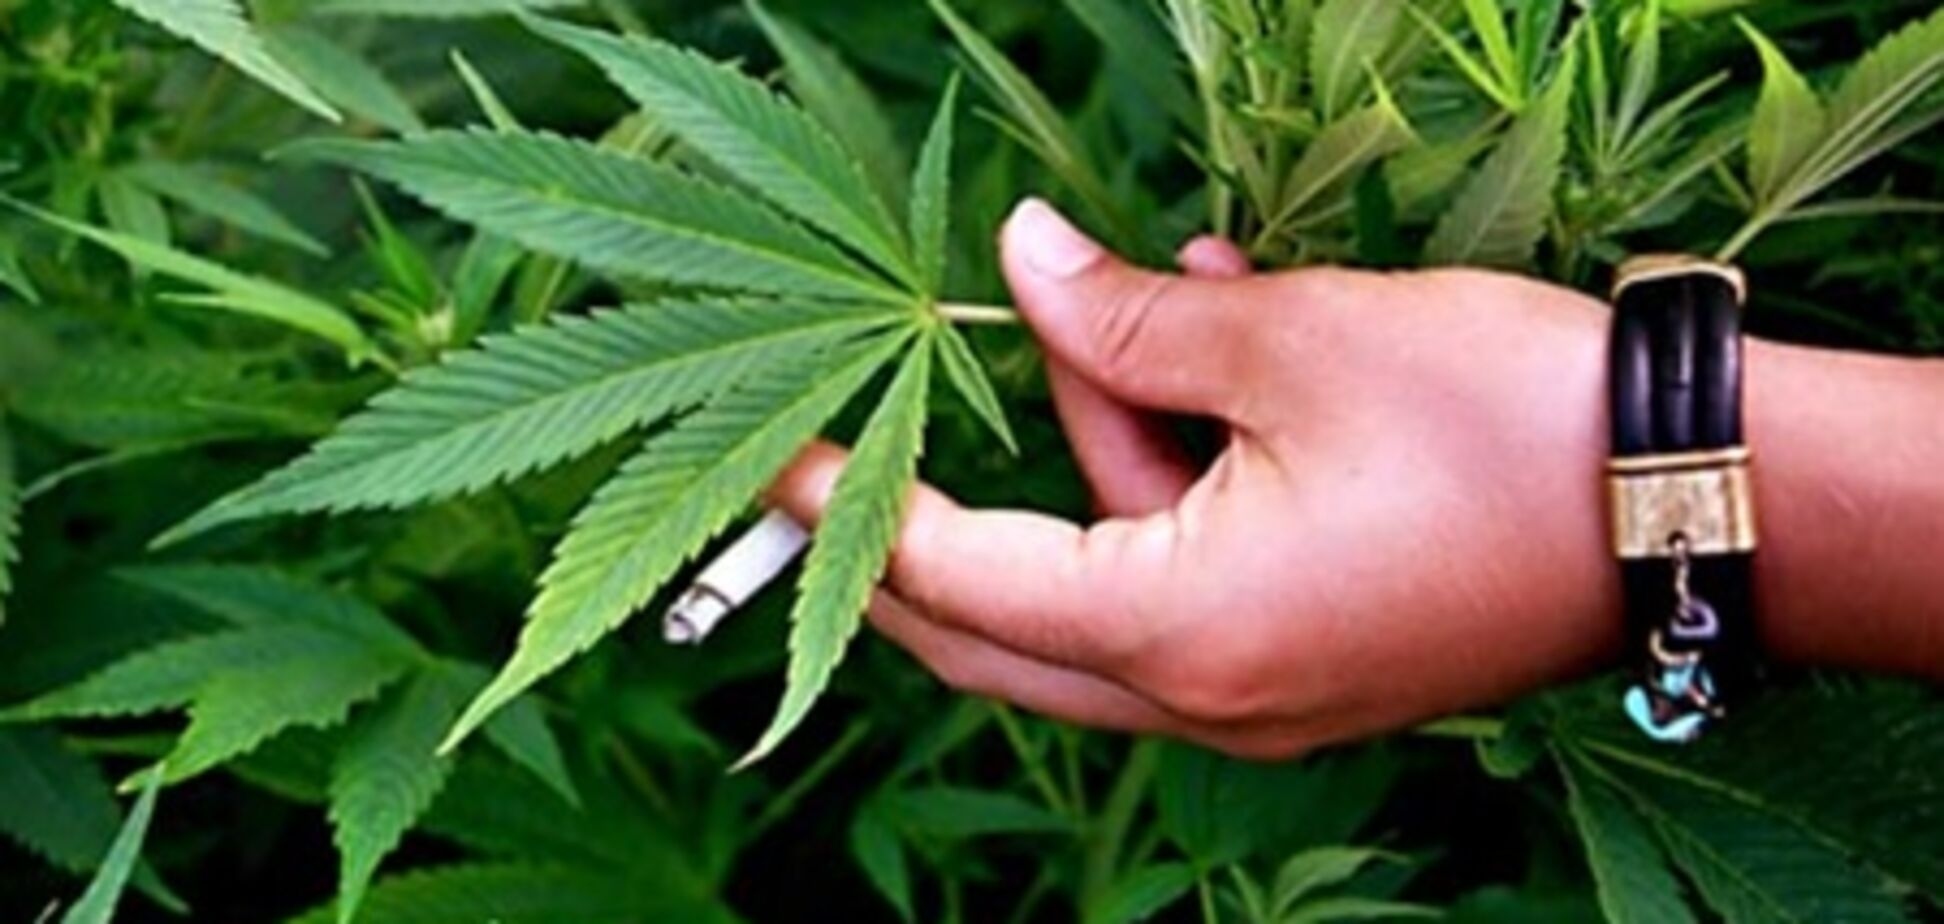 Злісна бабка, яка торгувала марихуаною, спустила на правоохоронців ротвейлера